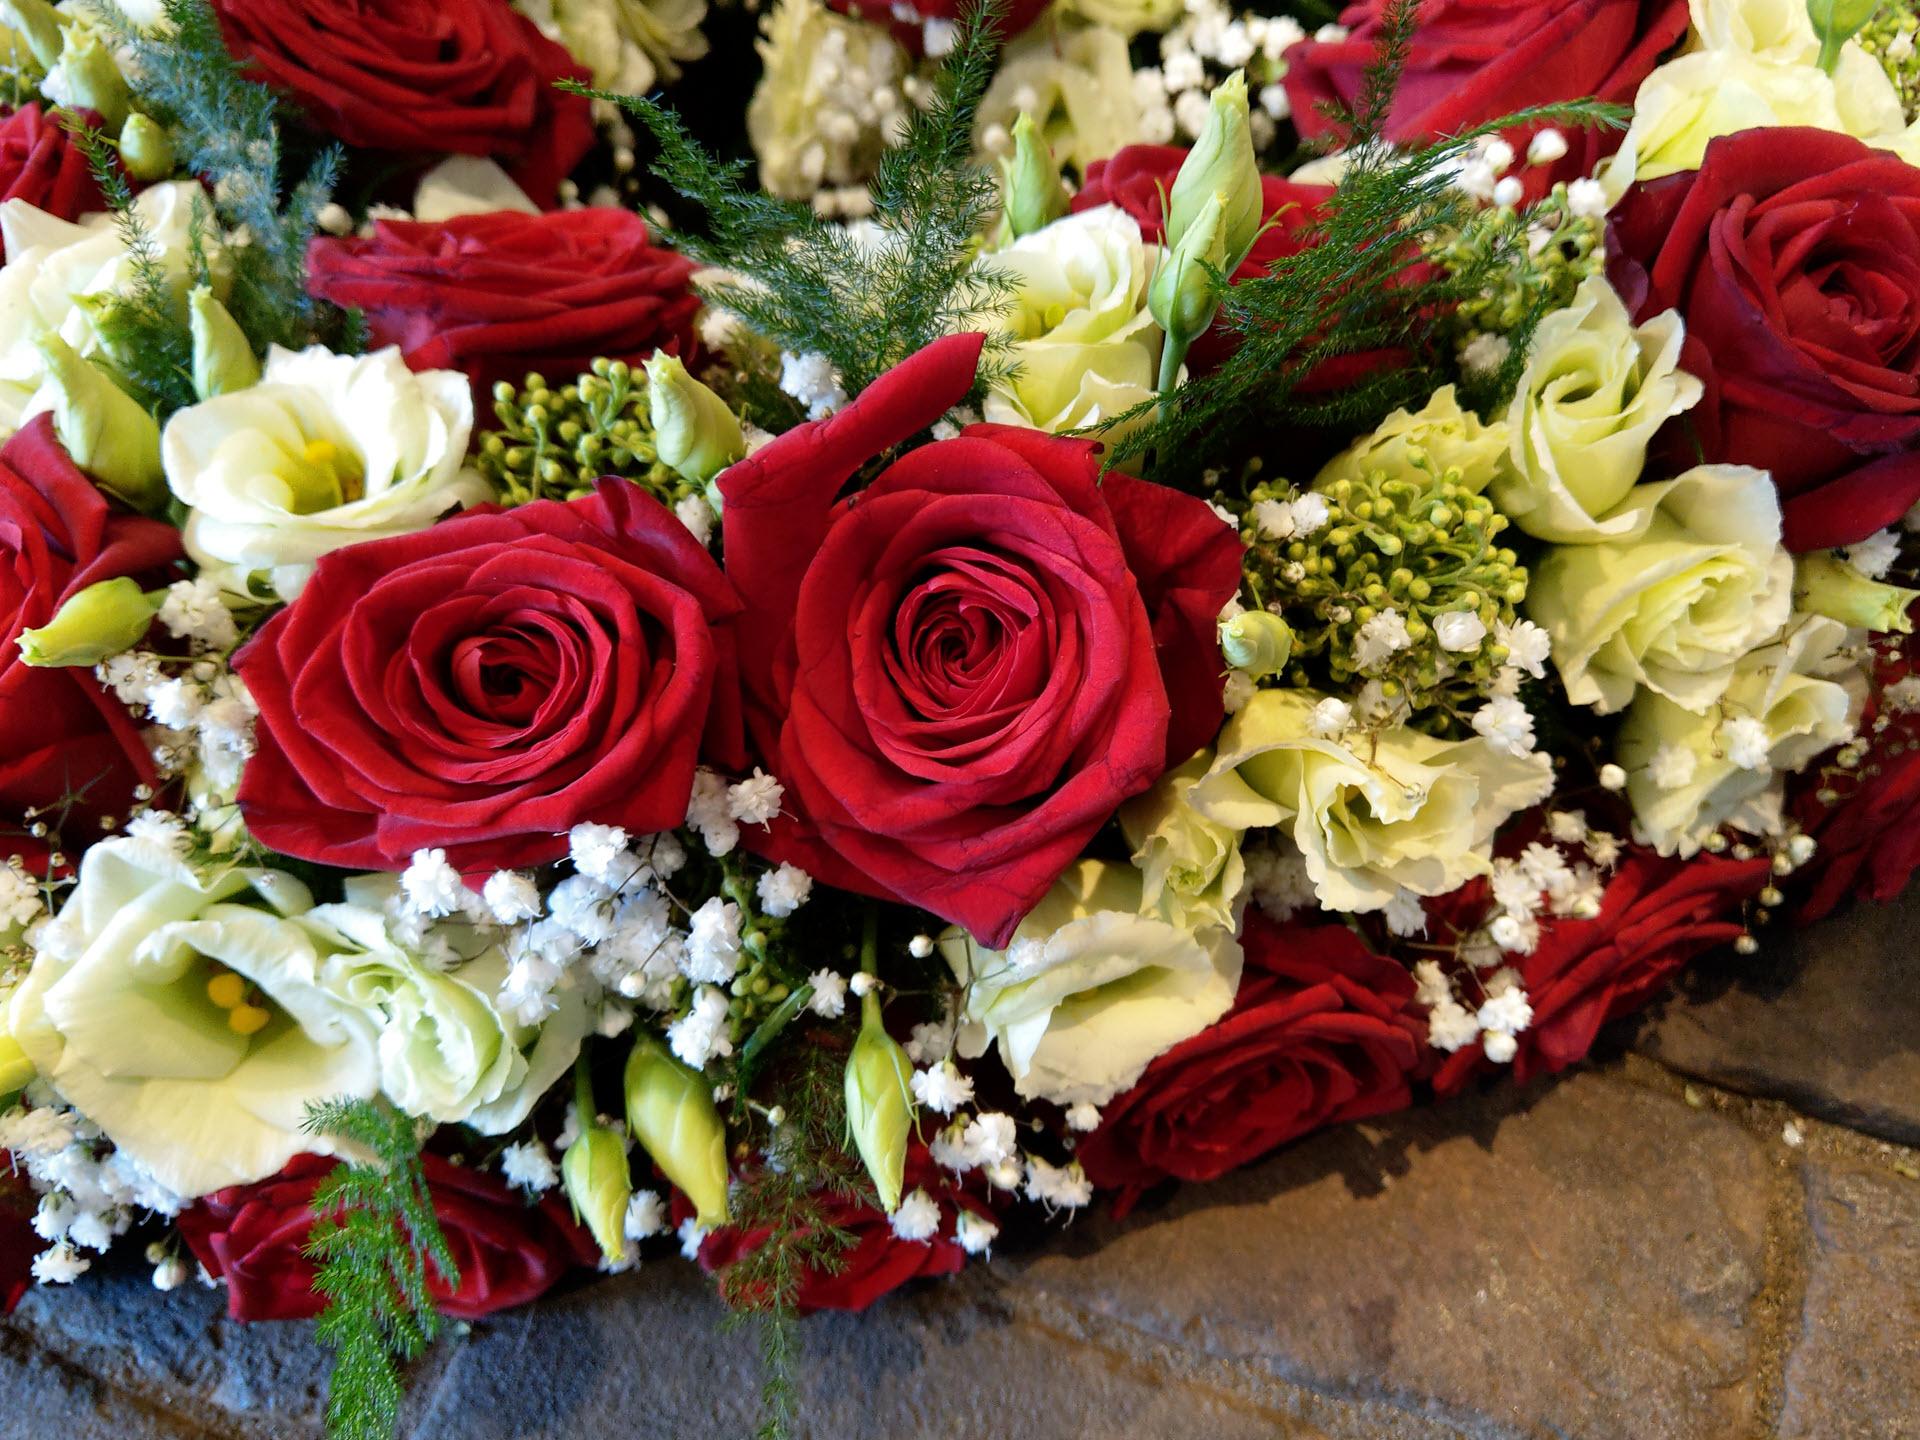 Bloemsierkunst Groeneveld rouwboeket, rouwstuk in hartvorm